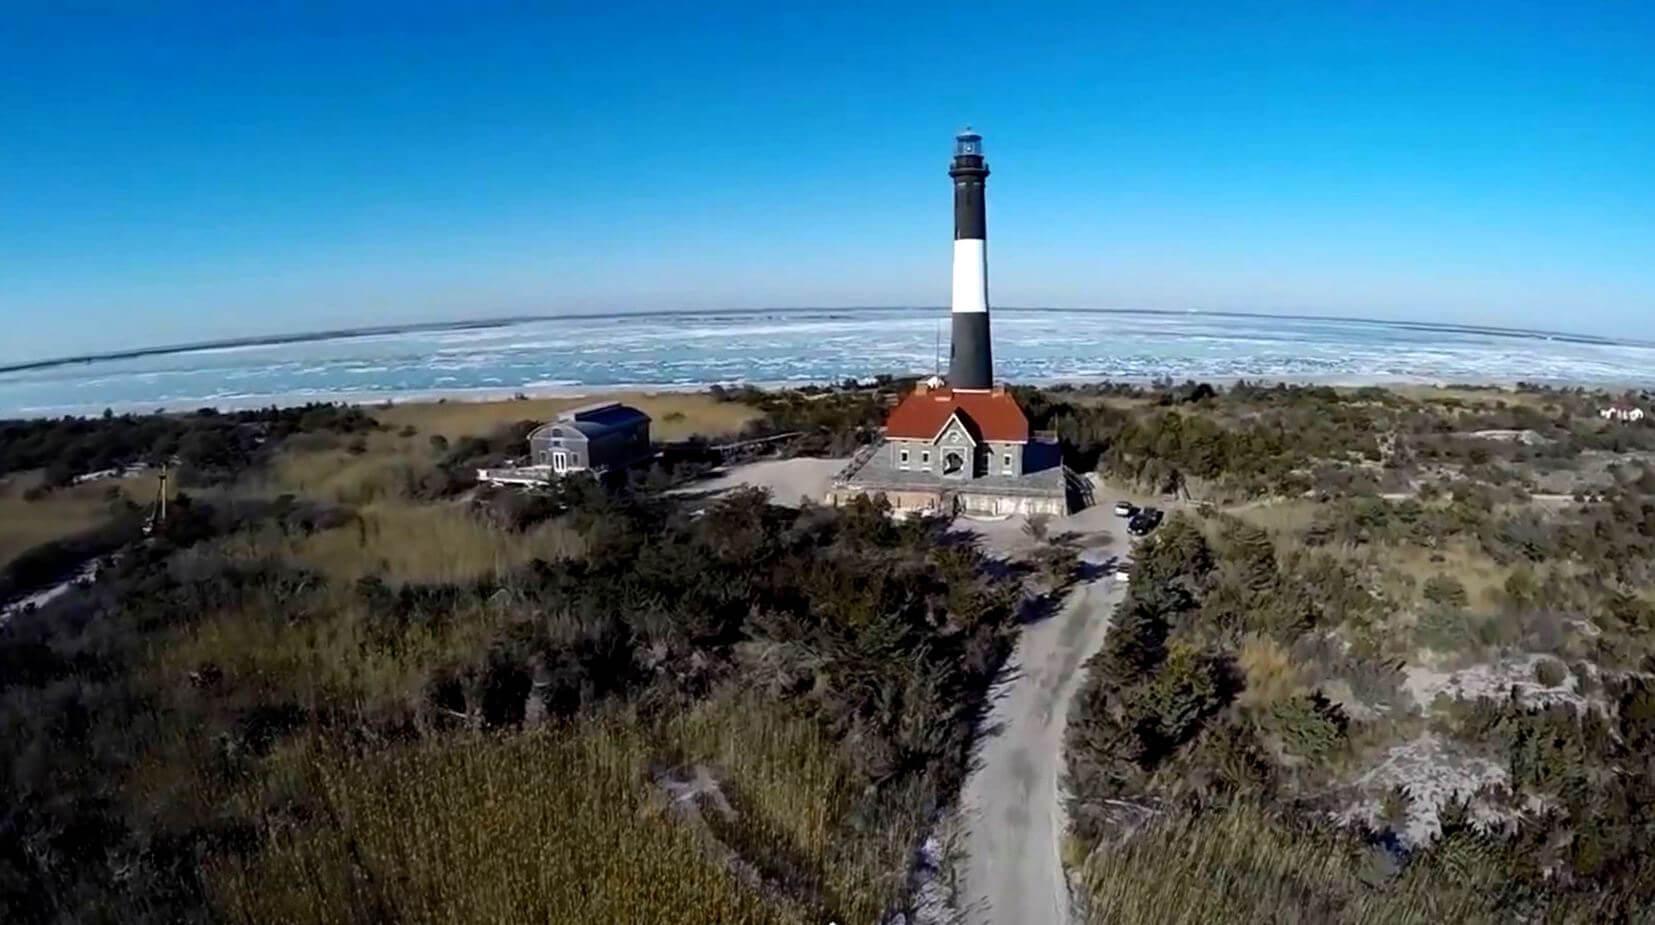 Fire Island Lighthouse gezien vanuit de lucht